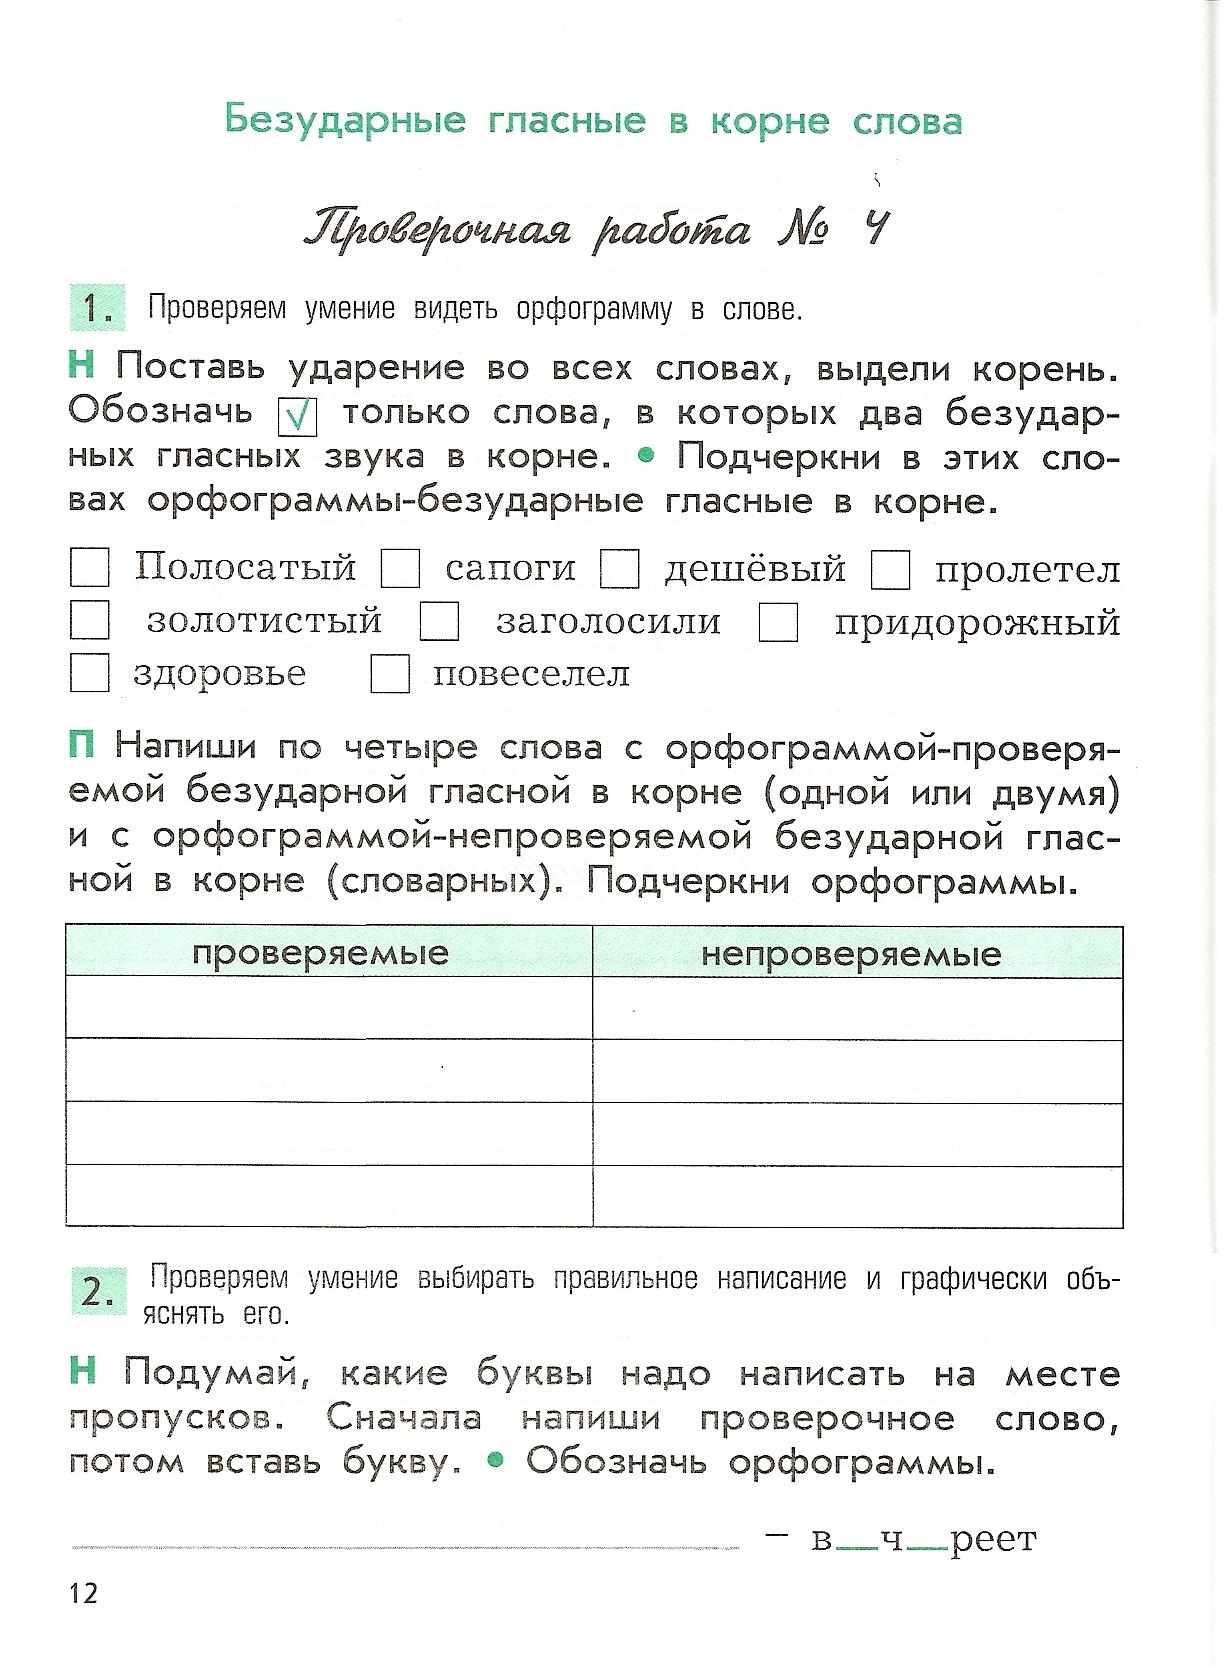 Бунеев русскому 4класс работа праверочная вариант языку гдз 2 по